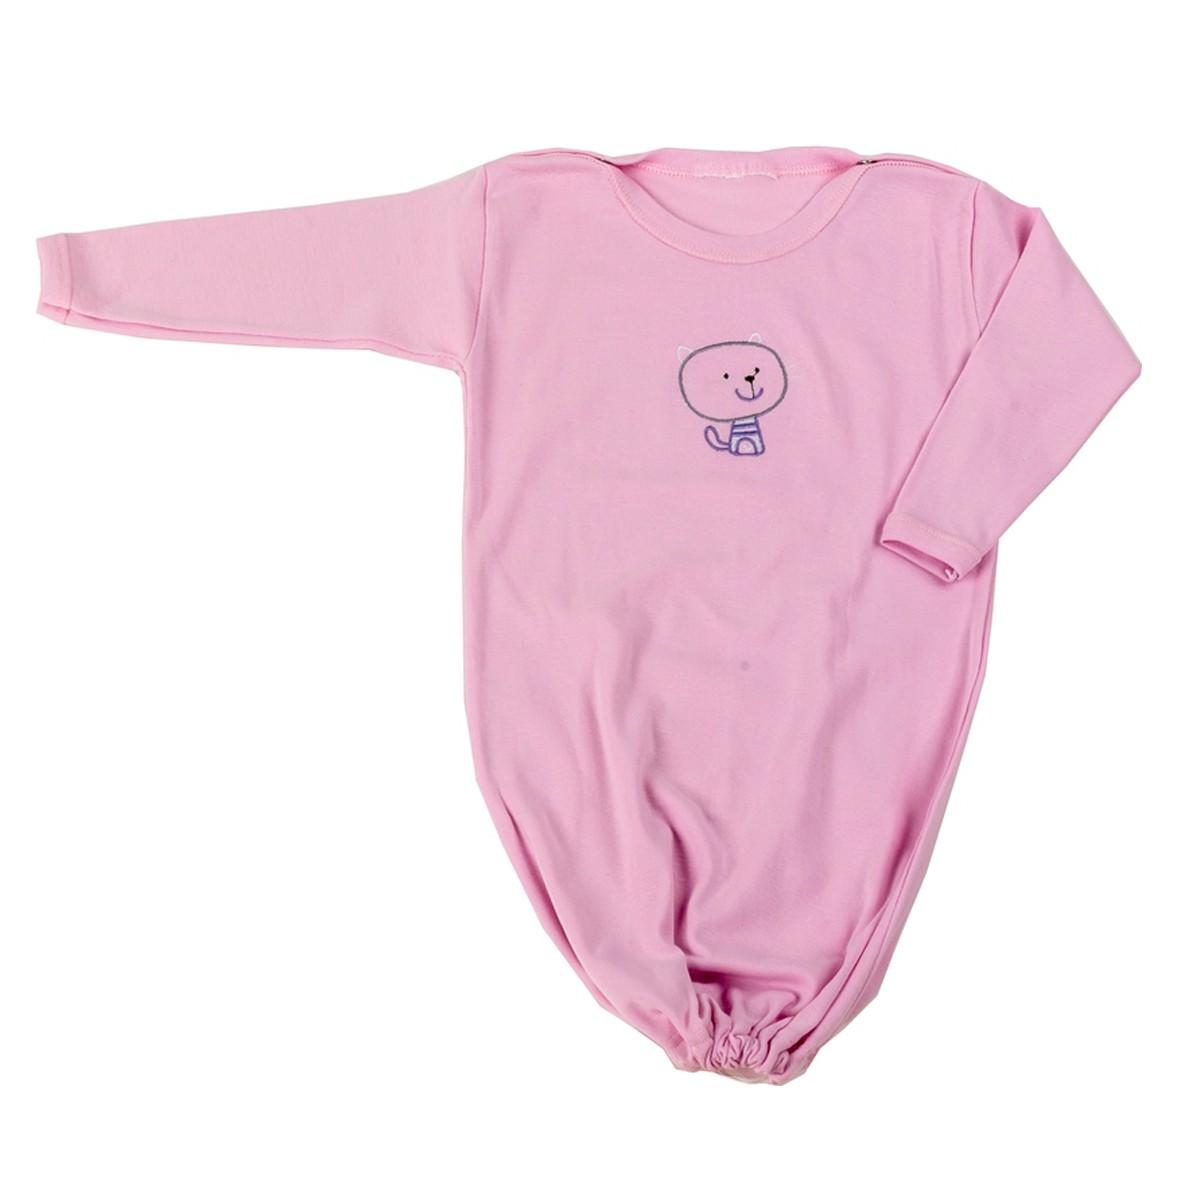 Βρεφικό Φορμάκι-Σάκος Κόσμος Του Μωρού Home 0023 Ροζ